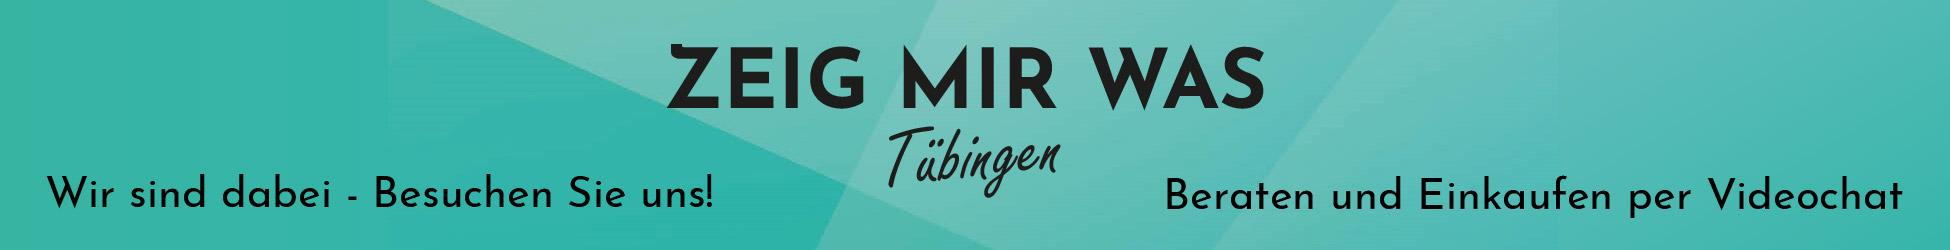 ZEIG MIR WAS Tübingen